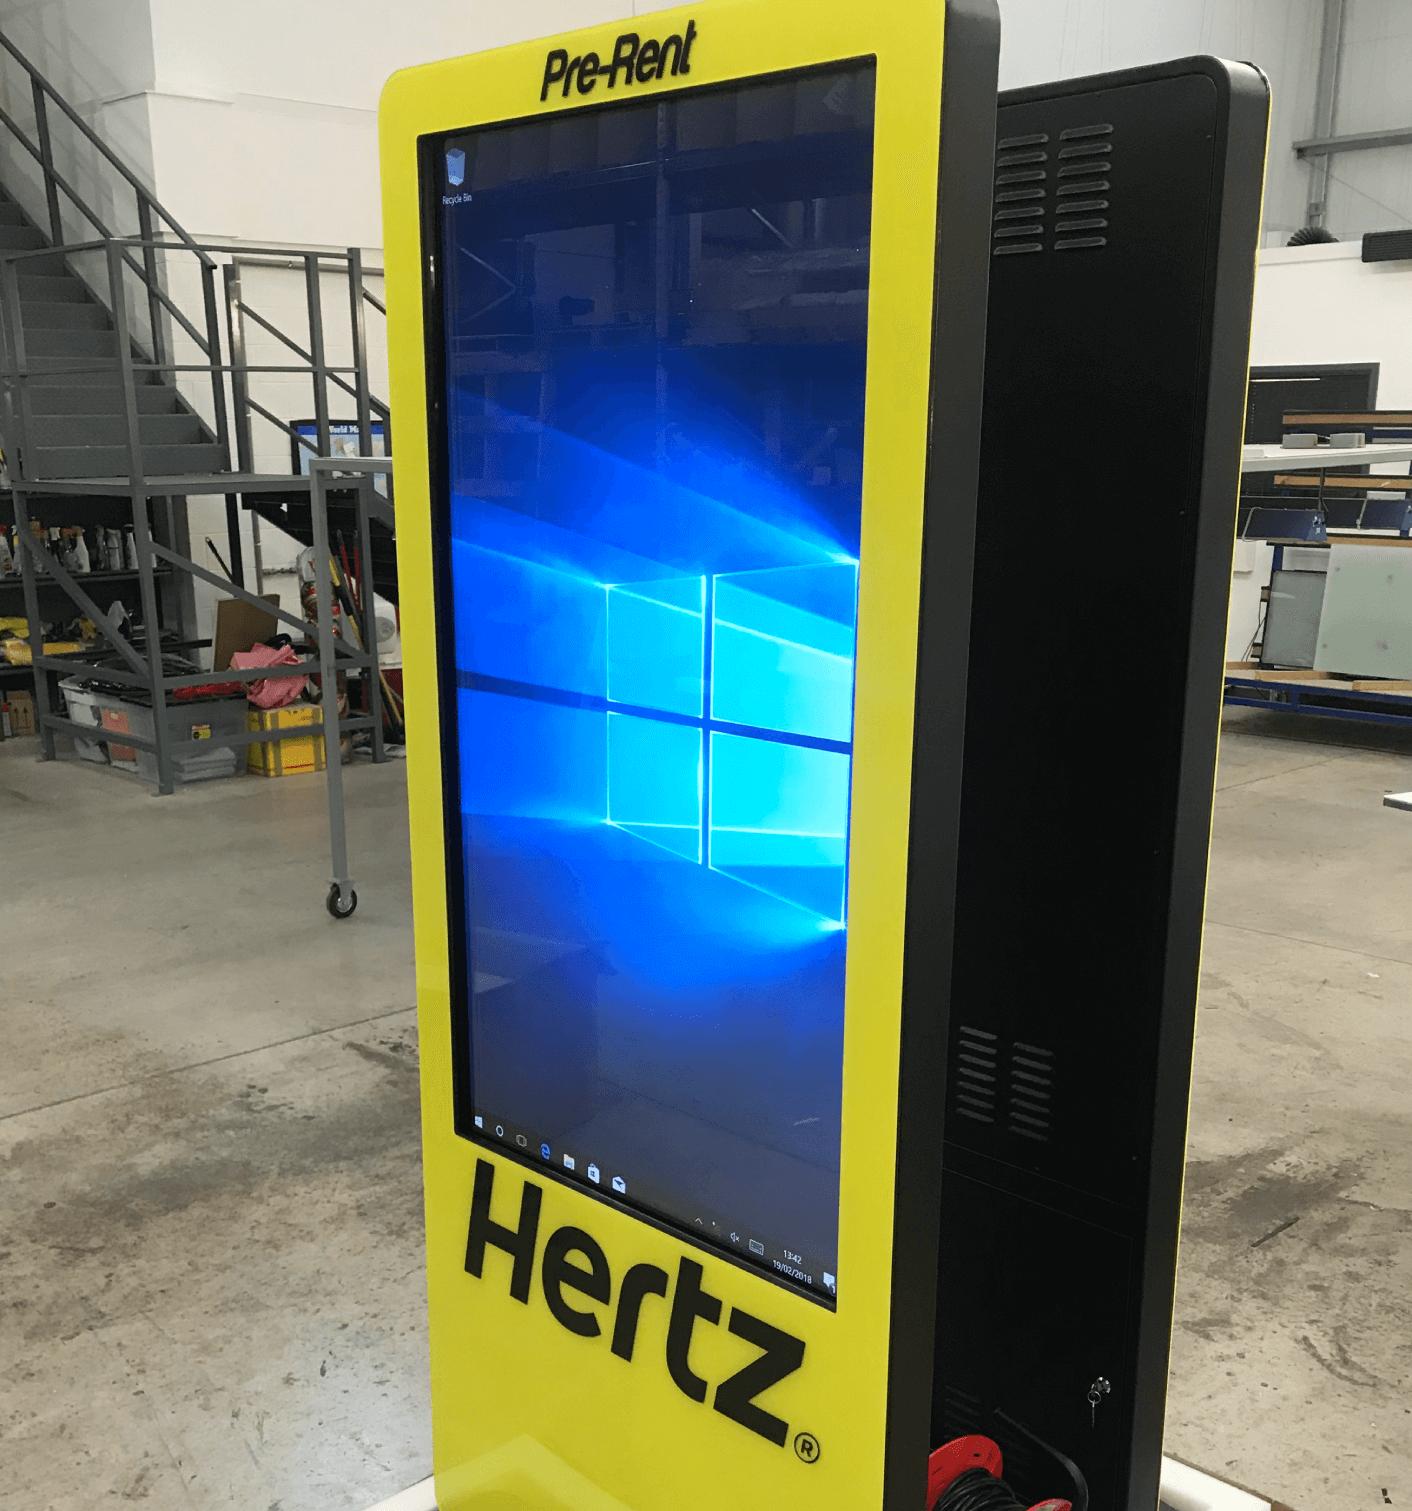 Hertz Kiosk with custom display branding